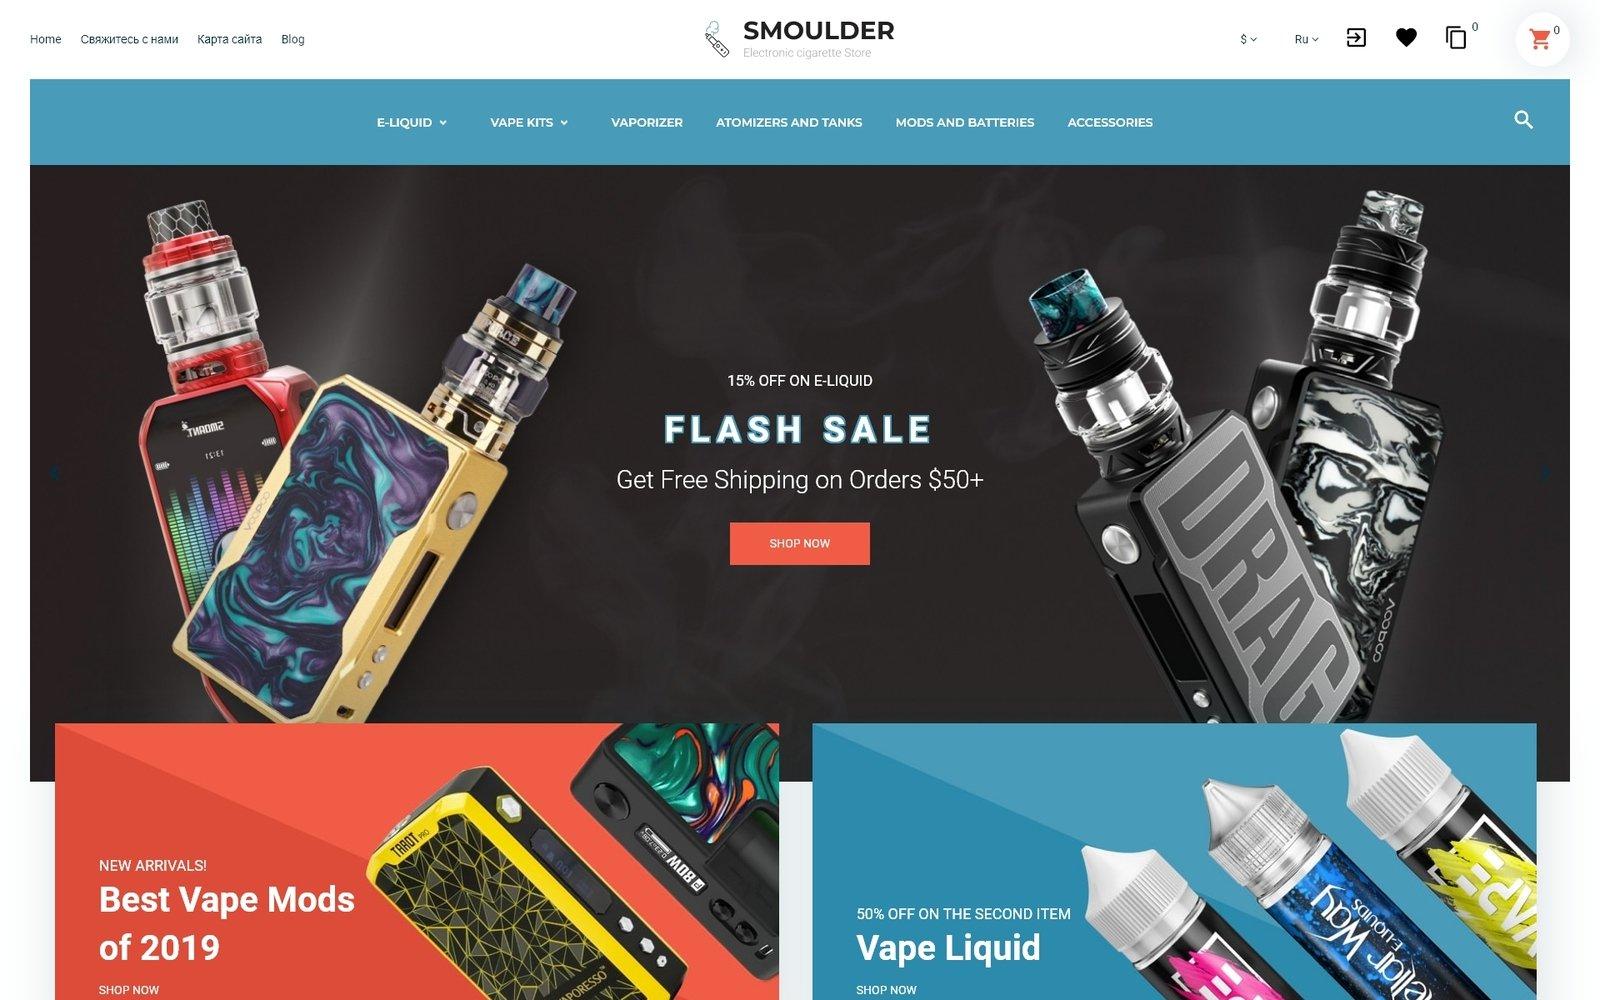 Smoulder - E-cigarette Website Design Tema PrestaShop №92990 - captura de tela